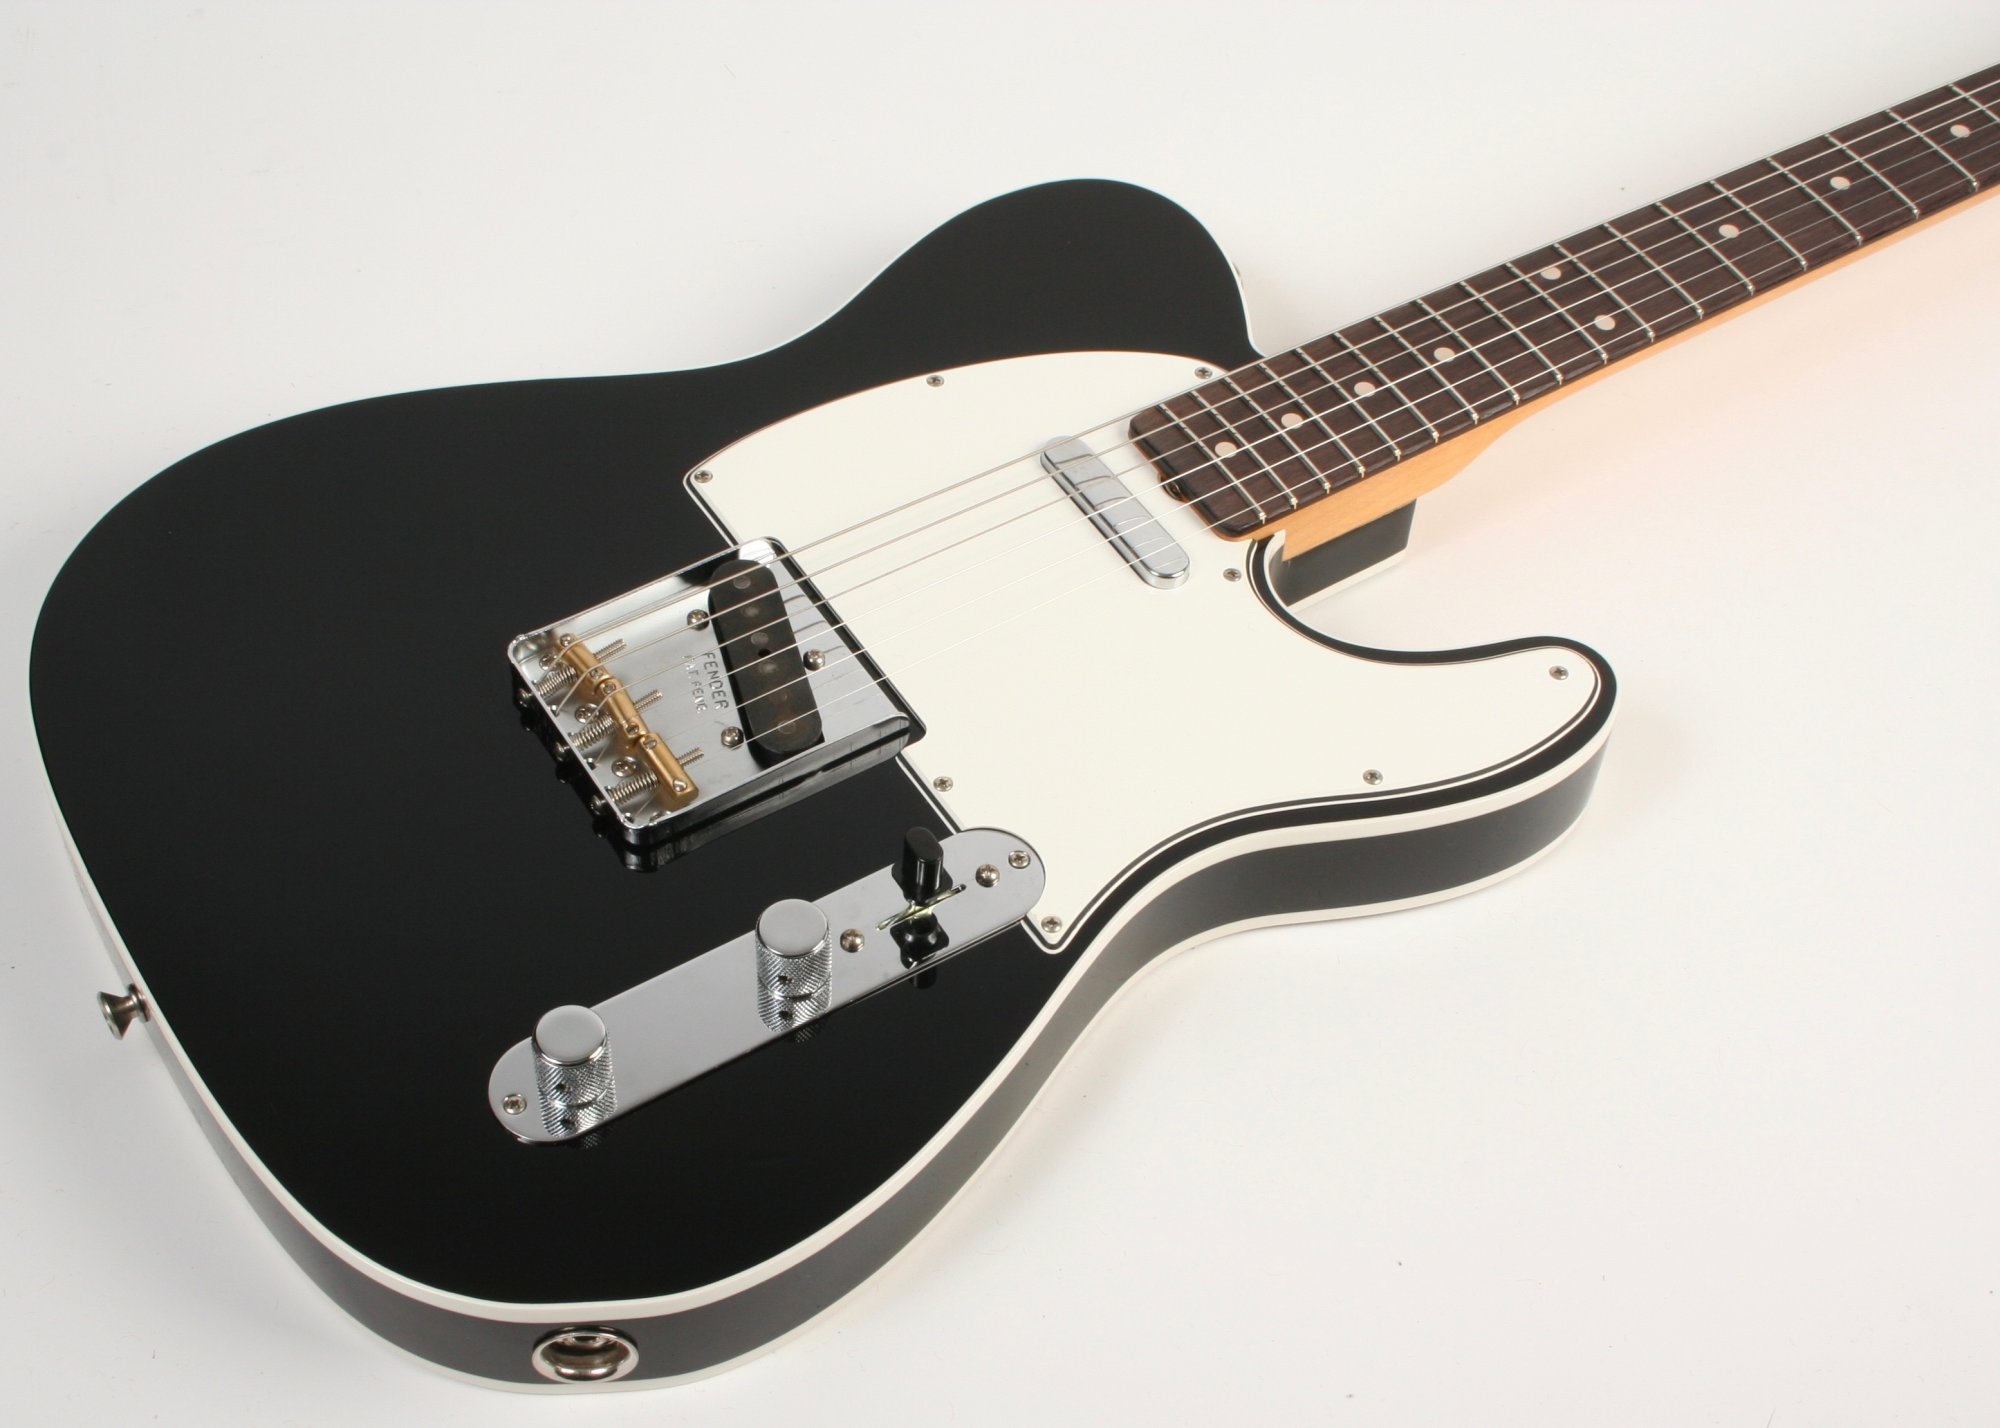 Fender Custom Shop Masterbuilt 1960 Telecaster Custom Closet Classic Black Greg Fessler MBGF